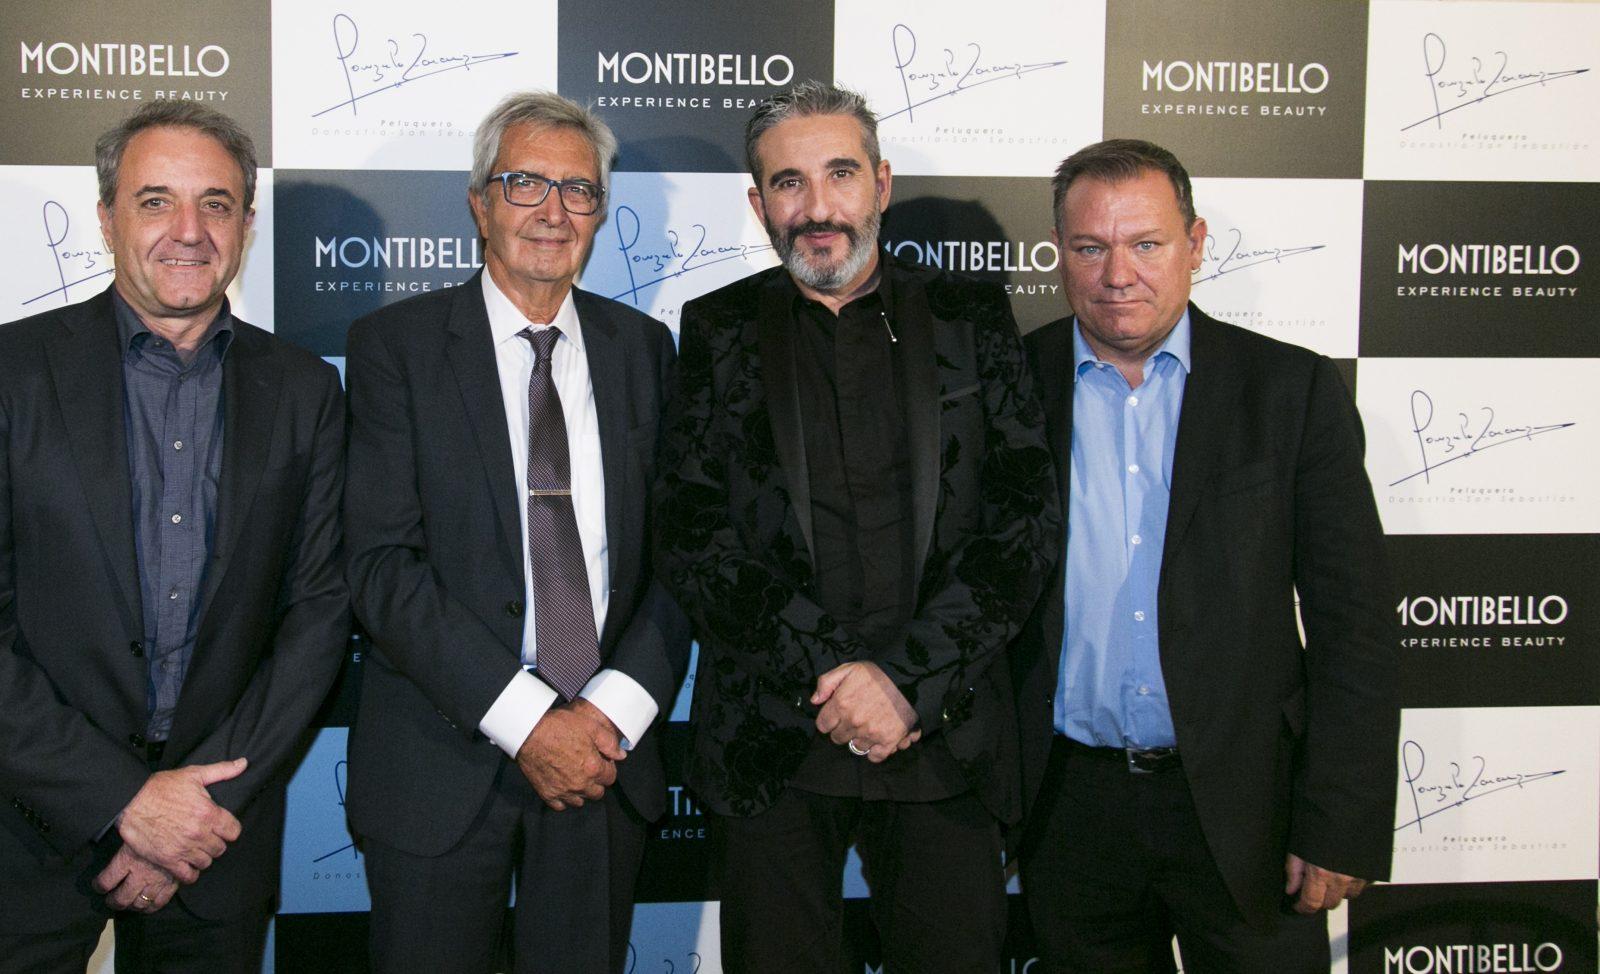 Acuerdo Gonzalo Zarauza nuevo embajador de Montibello